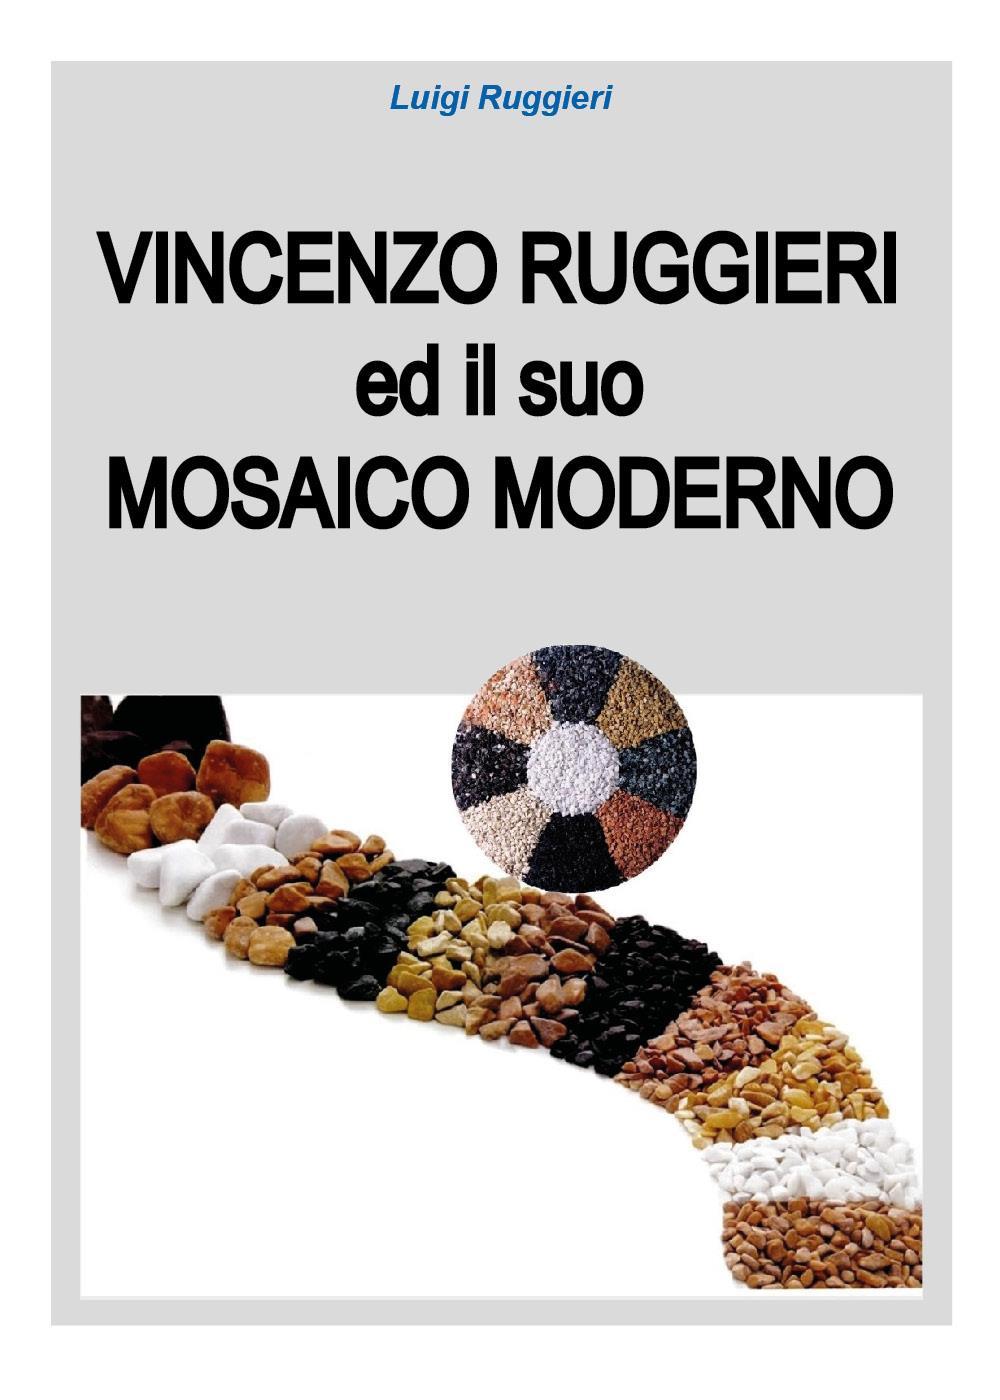 Vincenzo Ruggieri ed il suo Mosaico Moderno